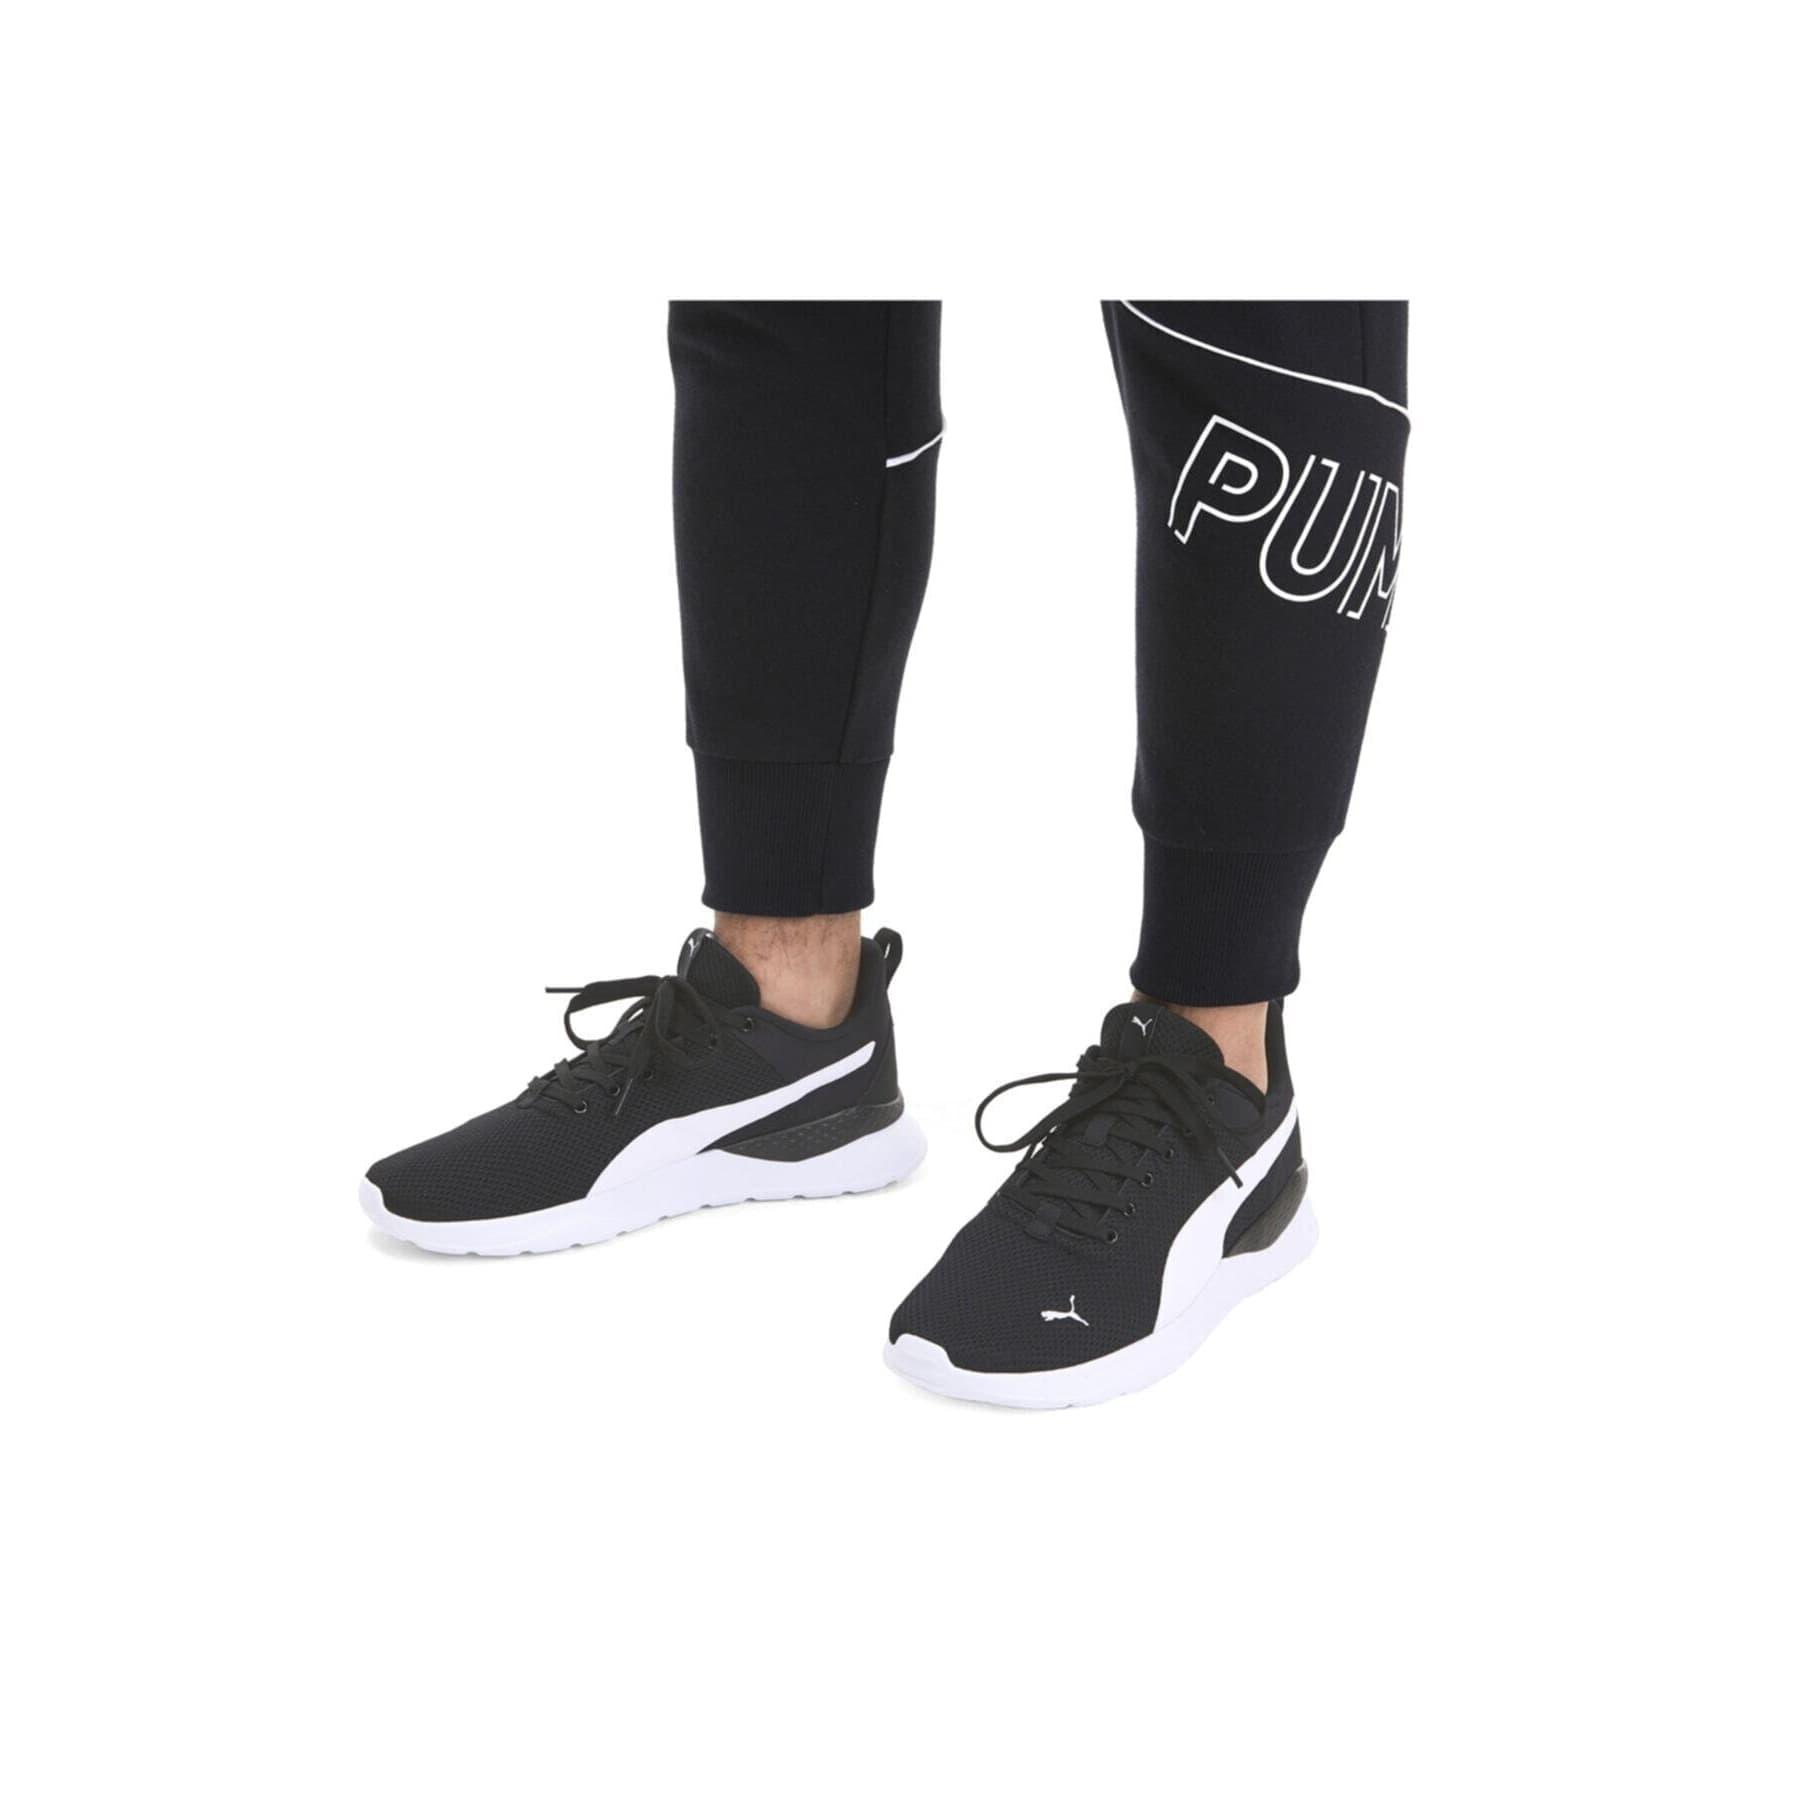 Anzarun Lite Siyah Koşu Ayakkabısı (371128-02)